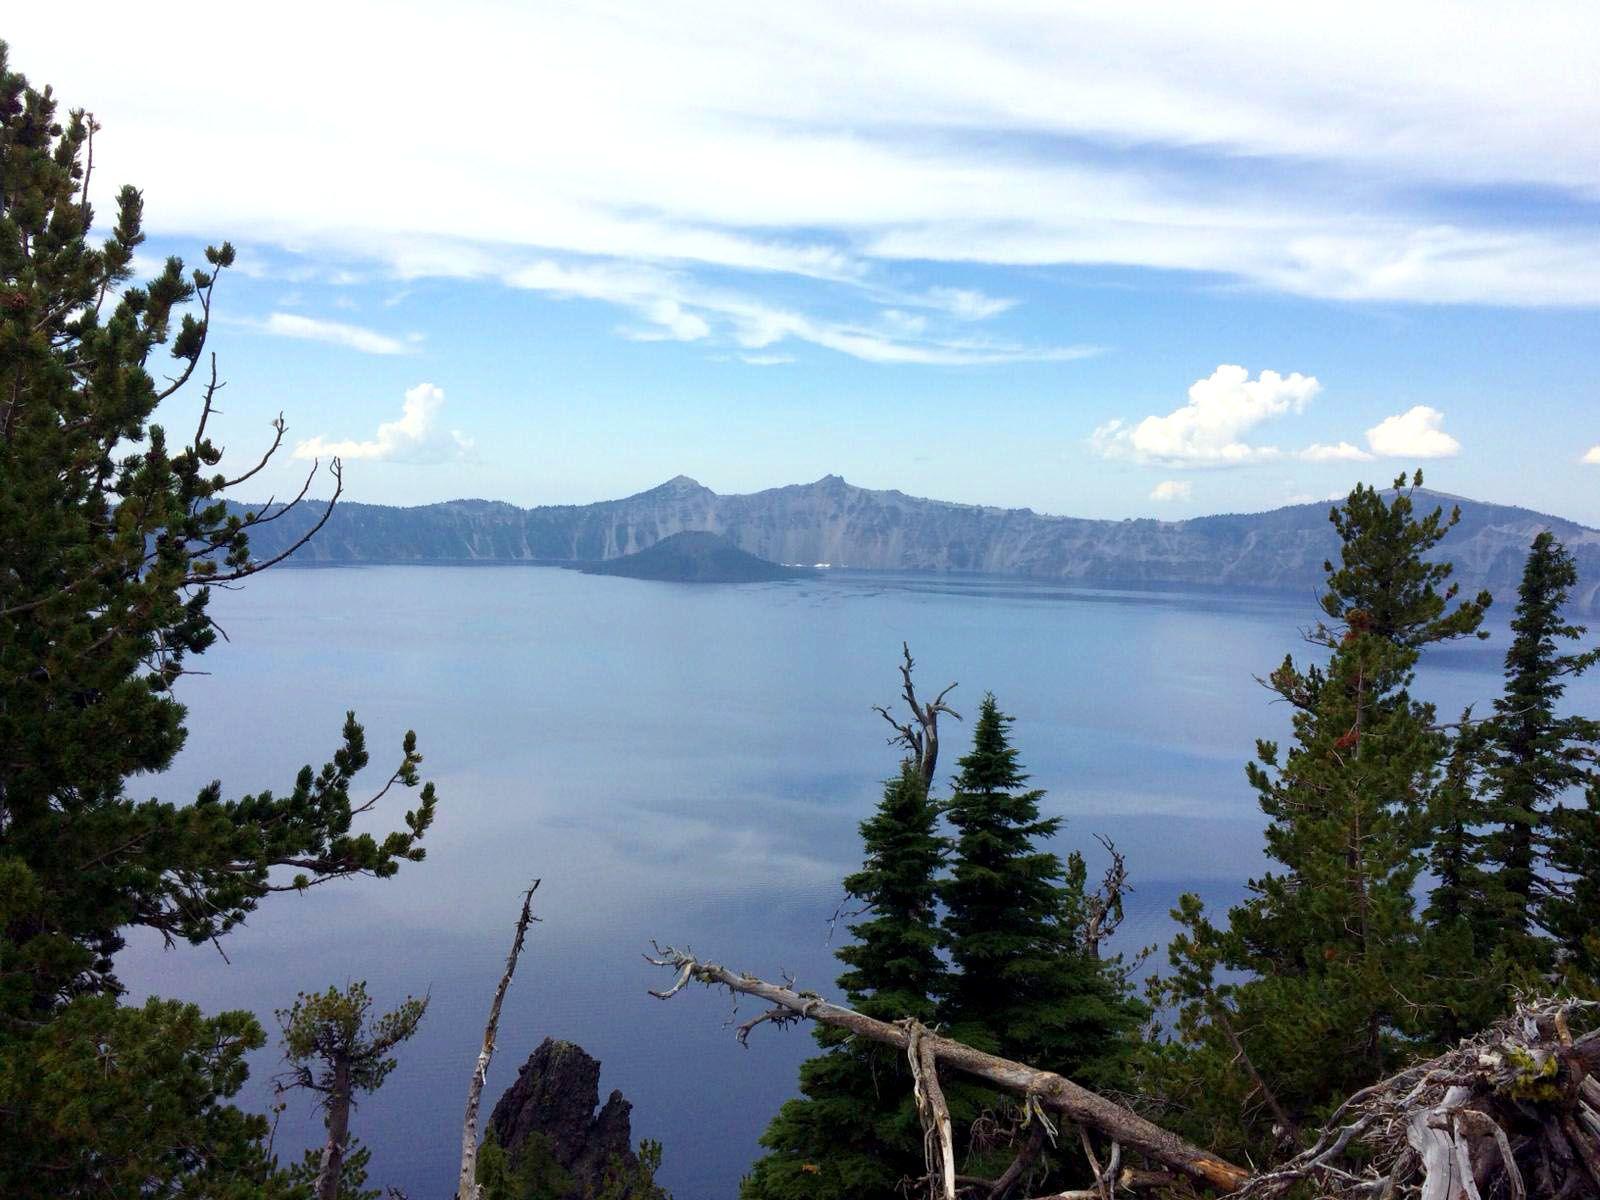 Les voyages d'Alexie : Crater Lake dans l'Oregon